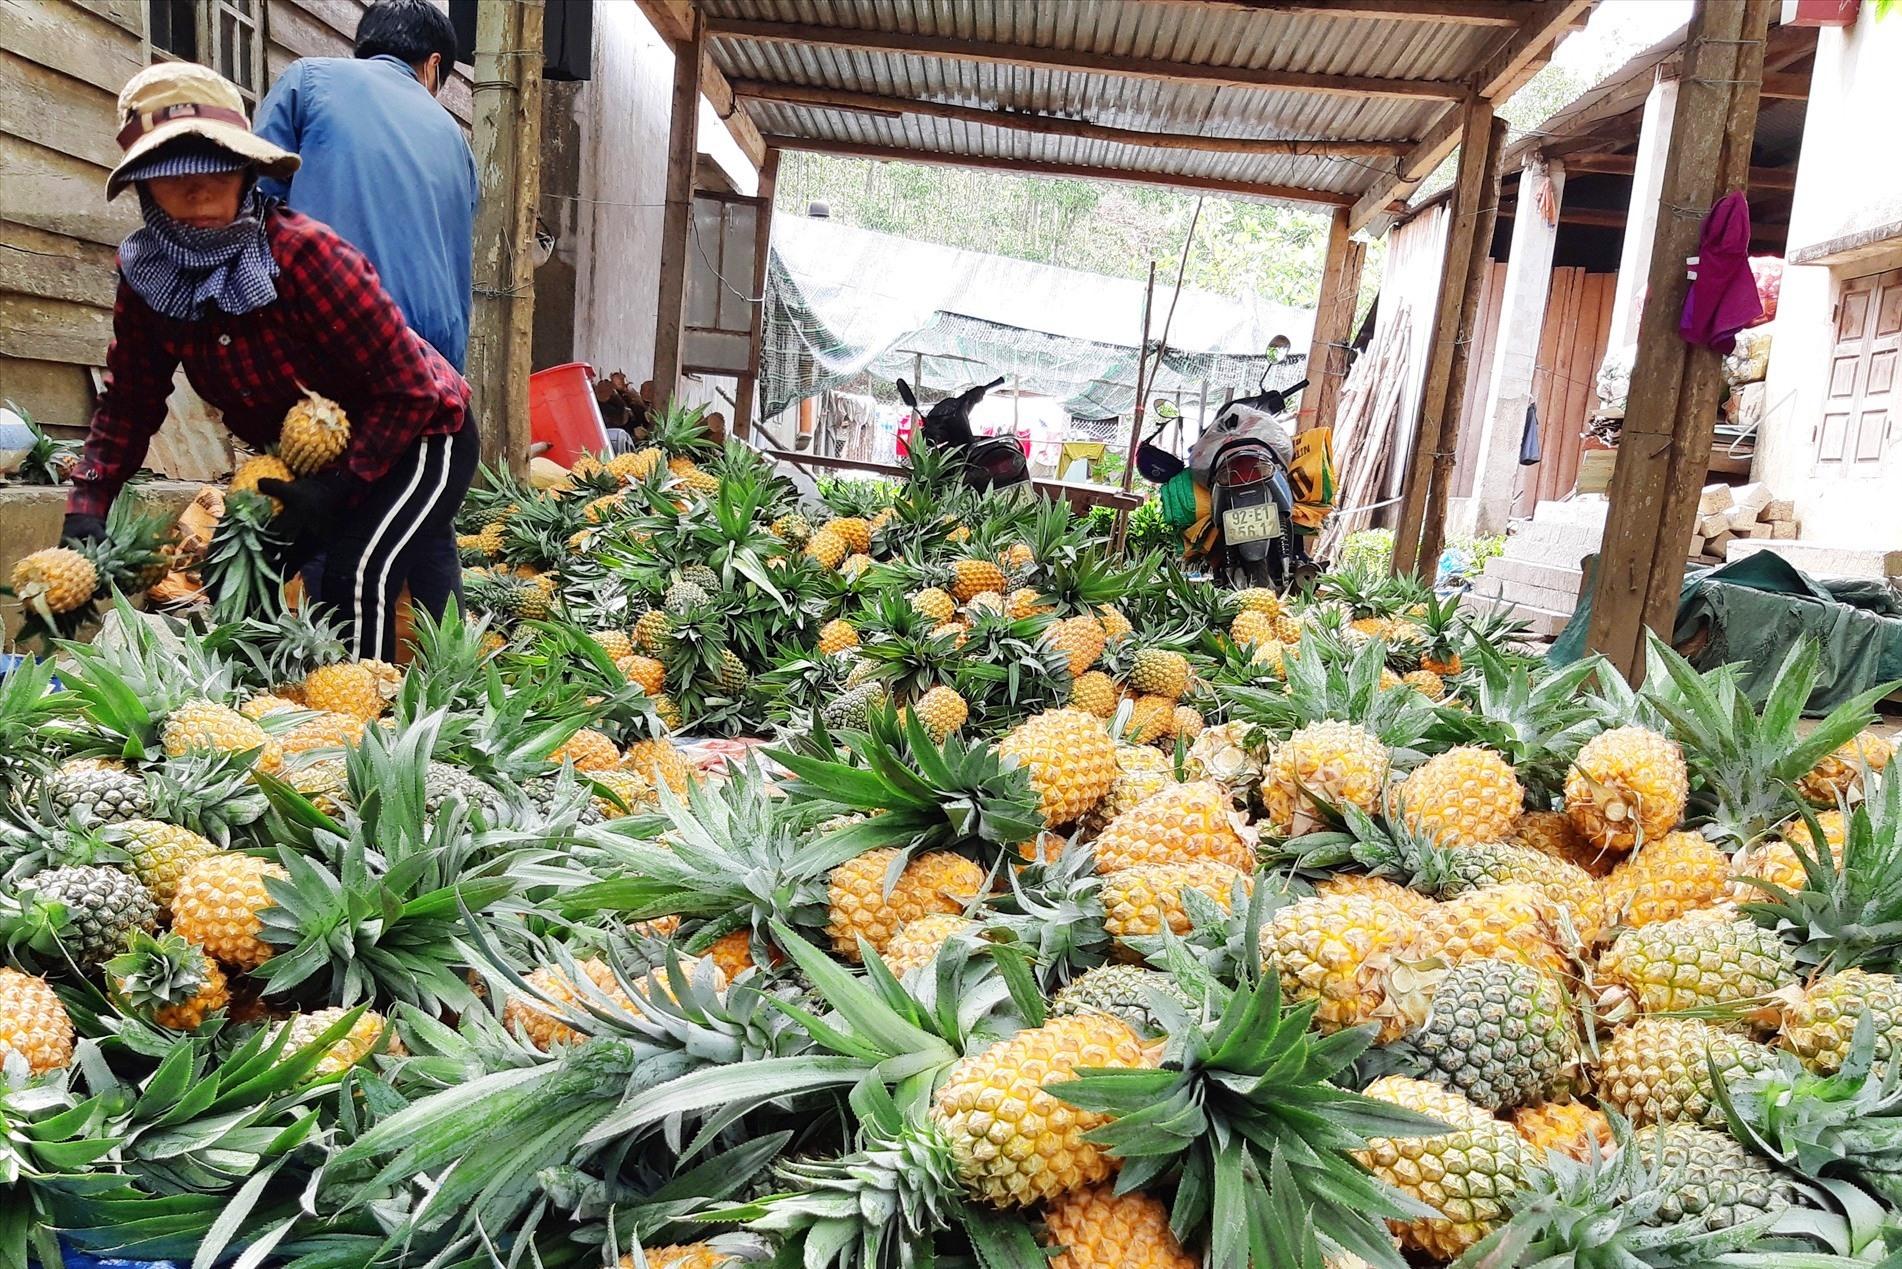 Trái dứa Khe Hoa (Đại Sơn) được thị trường khá ưa chuộng vì thơm ngon, ngọt, giòn, là trái dứa chín rẫy tự nhiên. Ảnh: HOÀNG LIÊN